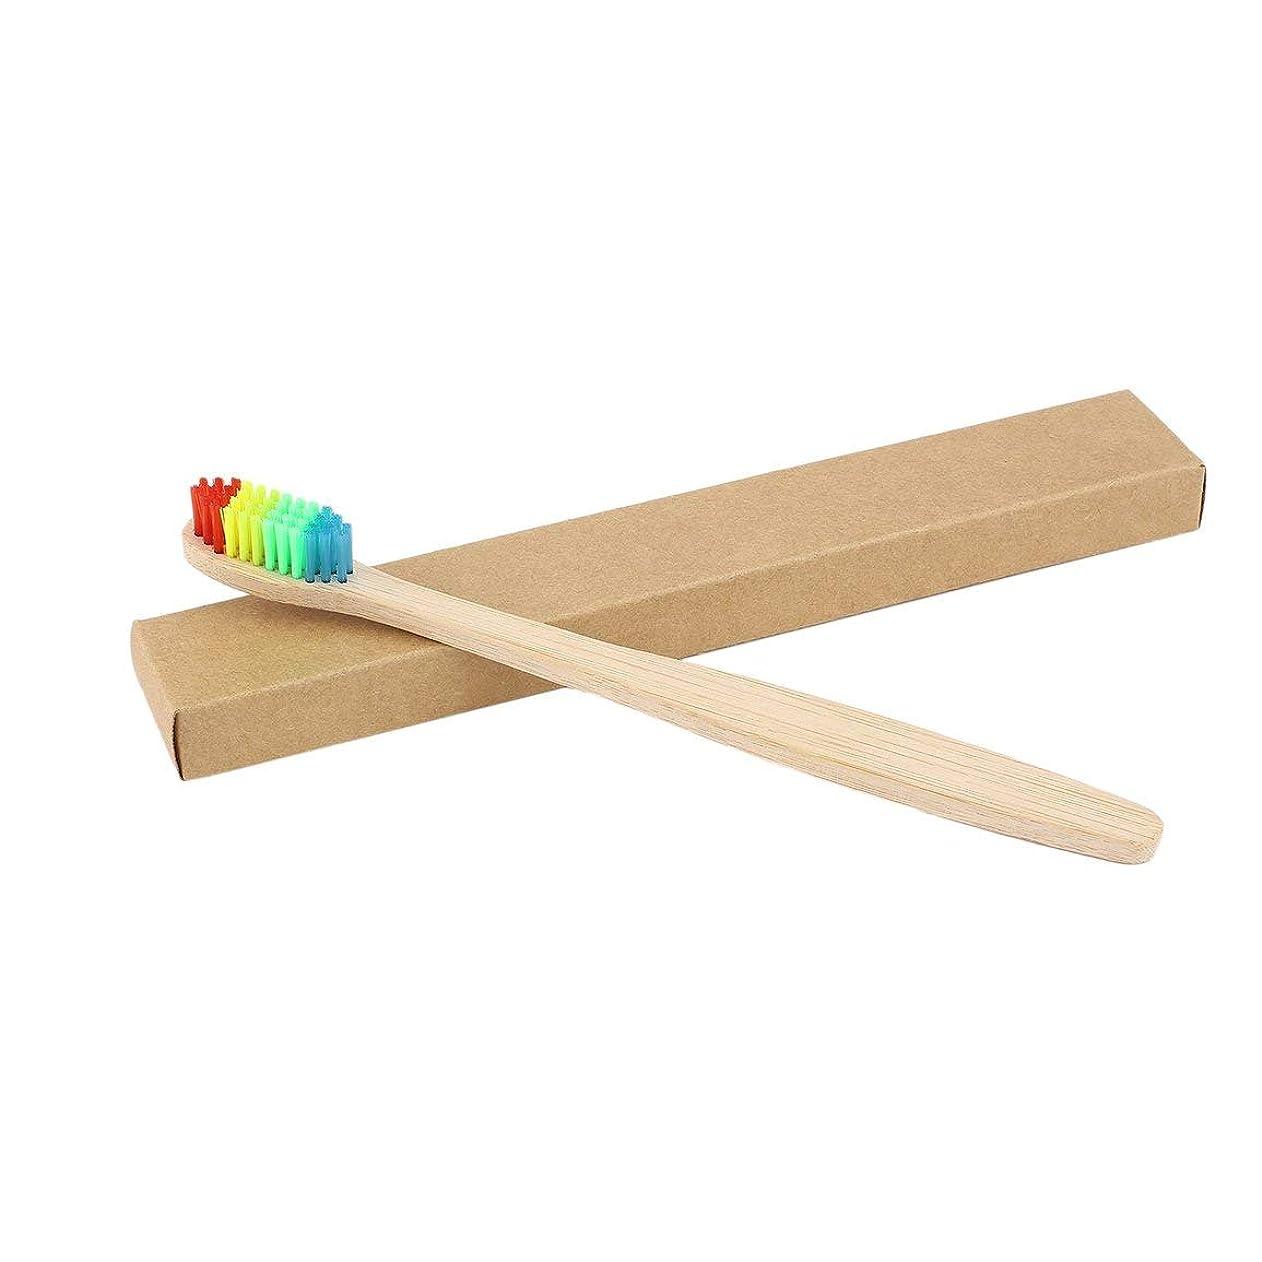 変換守銭奴興奮カラフルな髪+竹のハンドル歯ブラシ環境木製の虹竹の歯ブラシオーラルケアソフト剛毛ユニセックス - ウッドカラー+カラフル